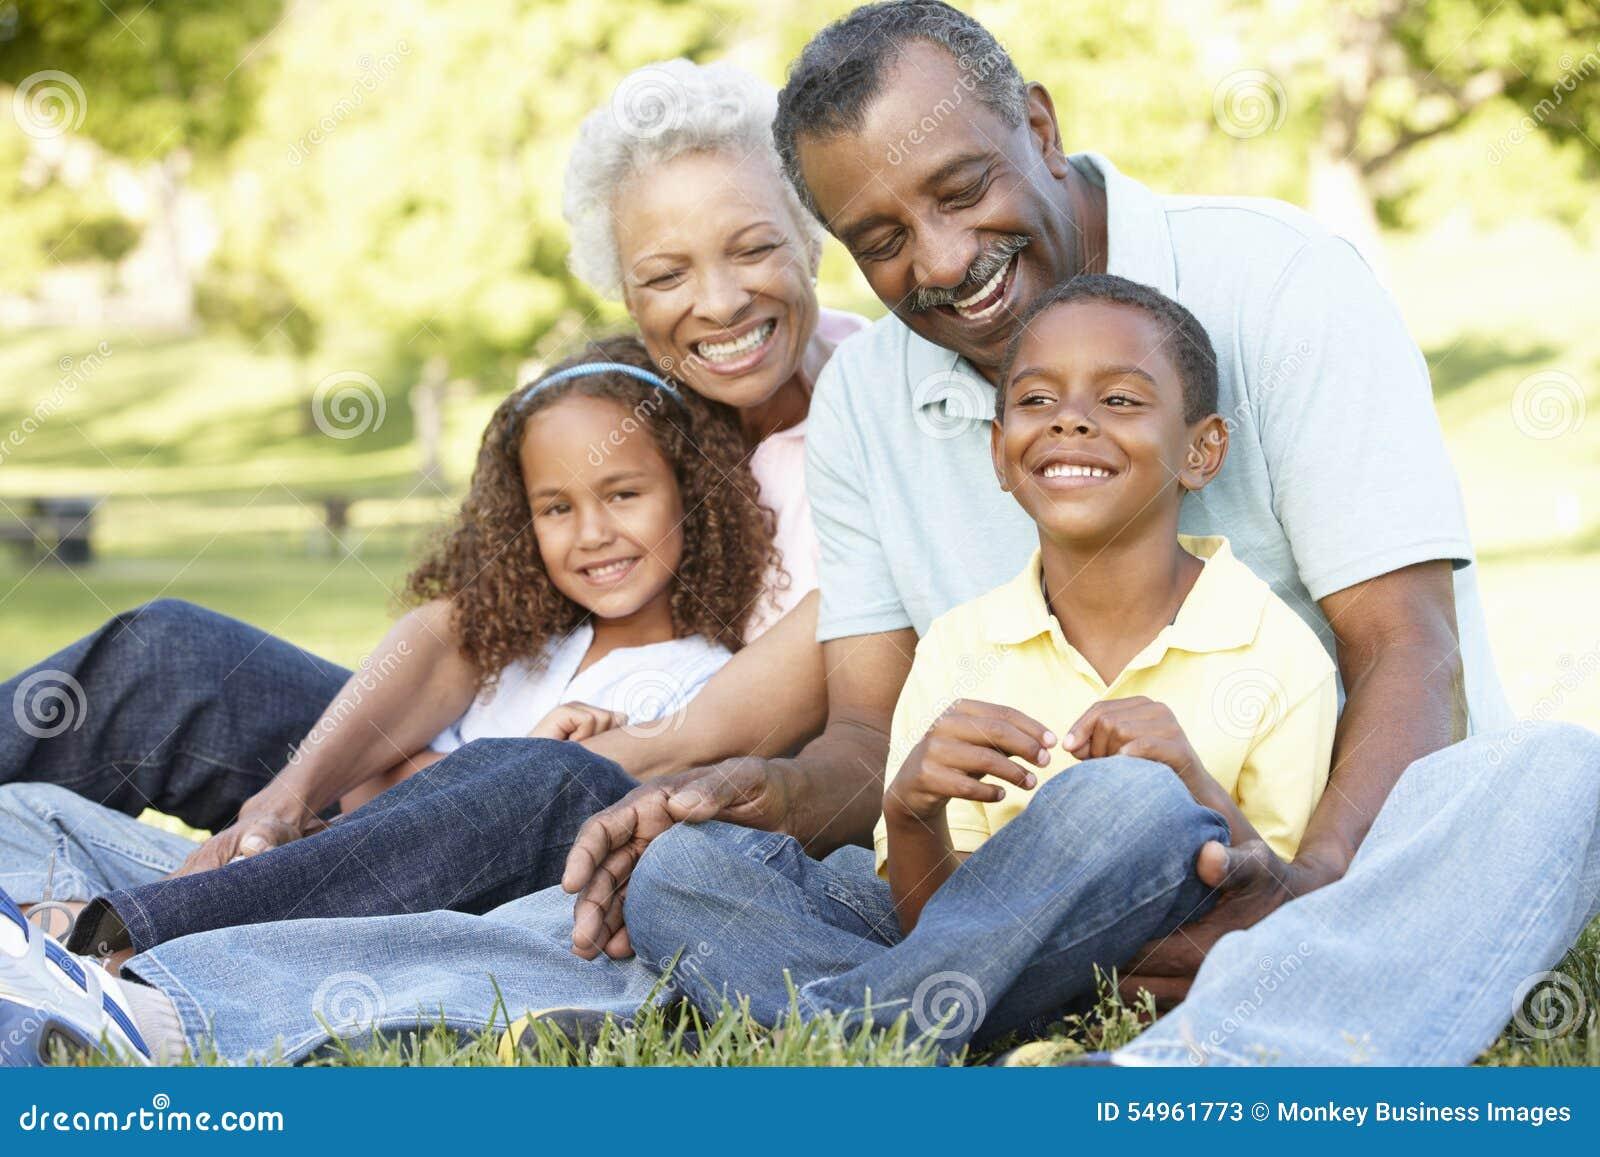 Resultado de imagem para imagens gratuitas de avós com netos